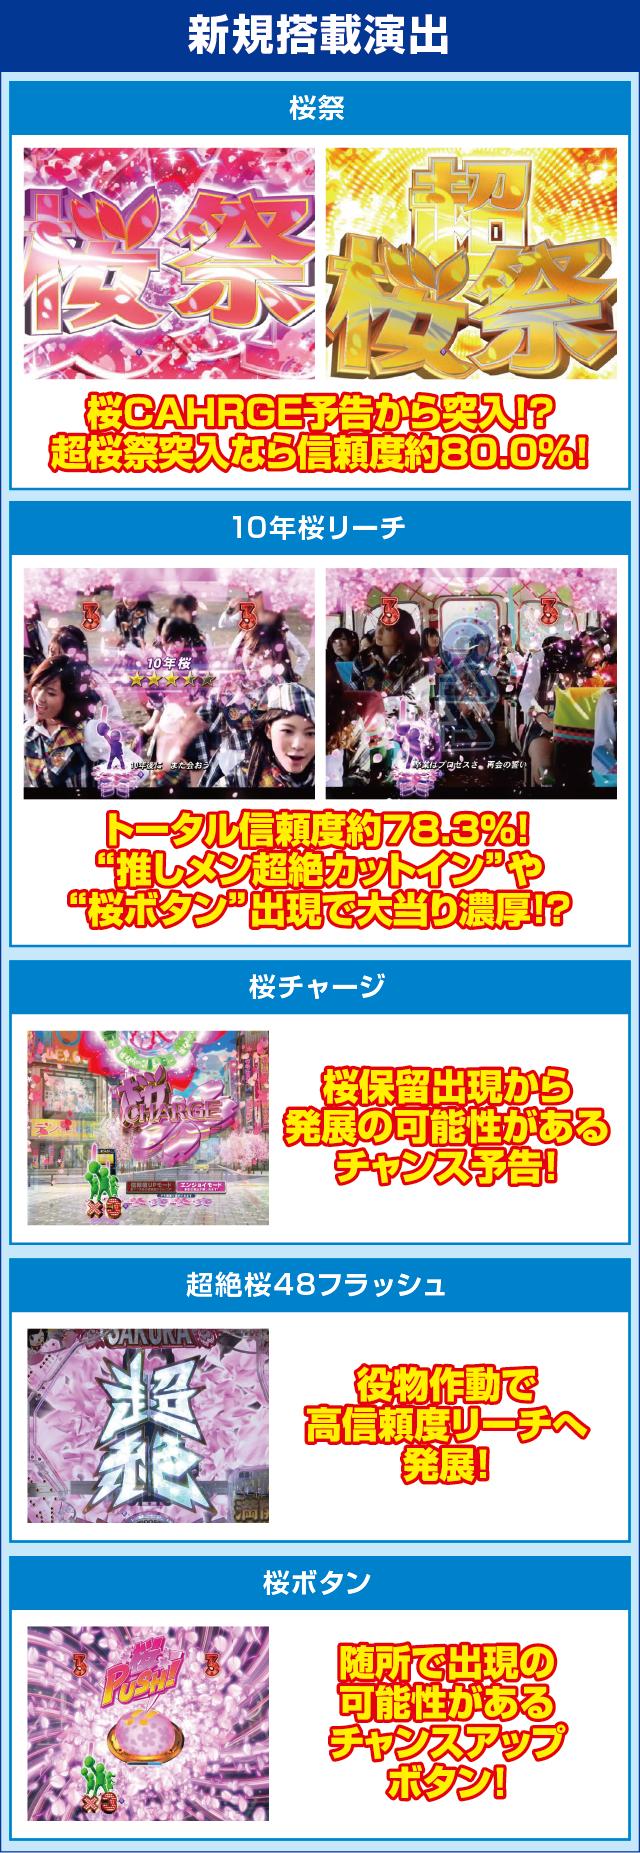 ぱちんこ AKB48 桜 LIGHT ver.のピックアップポイント